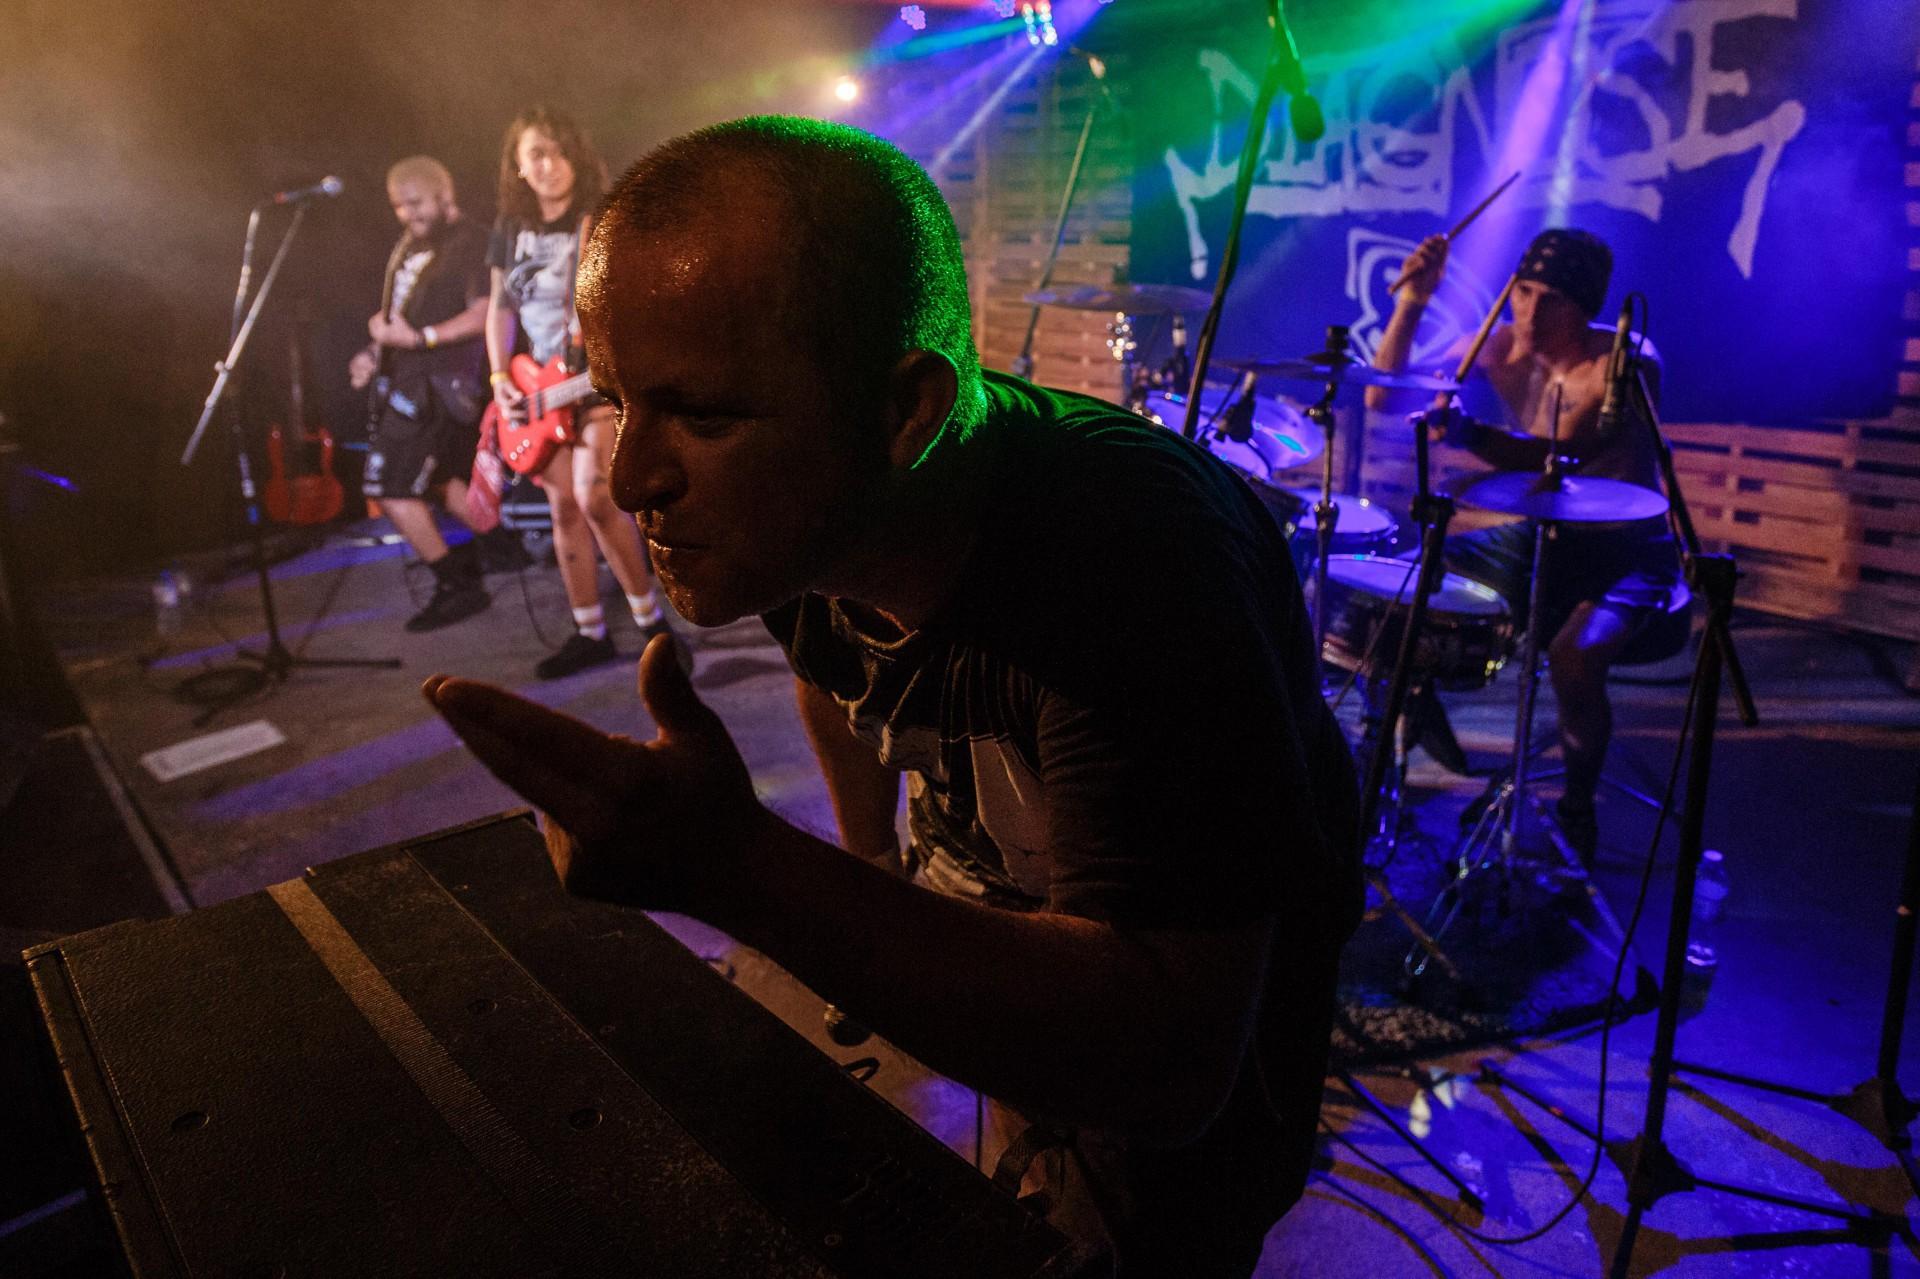 Banda cearense Diagnose lança primeiro registro em vídeo, em quase 25 anos de carreira